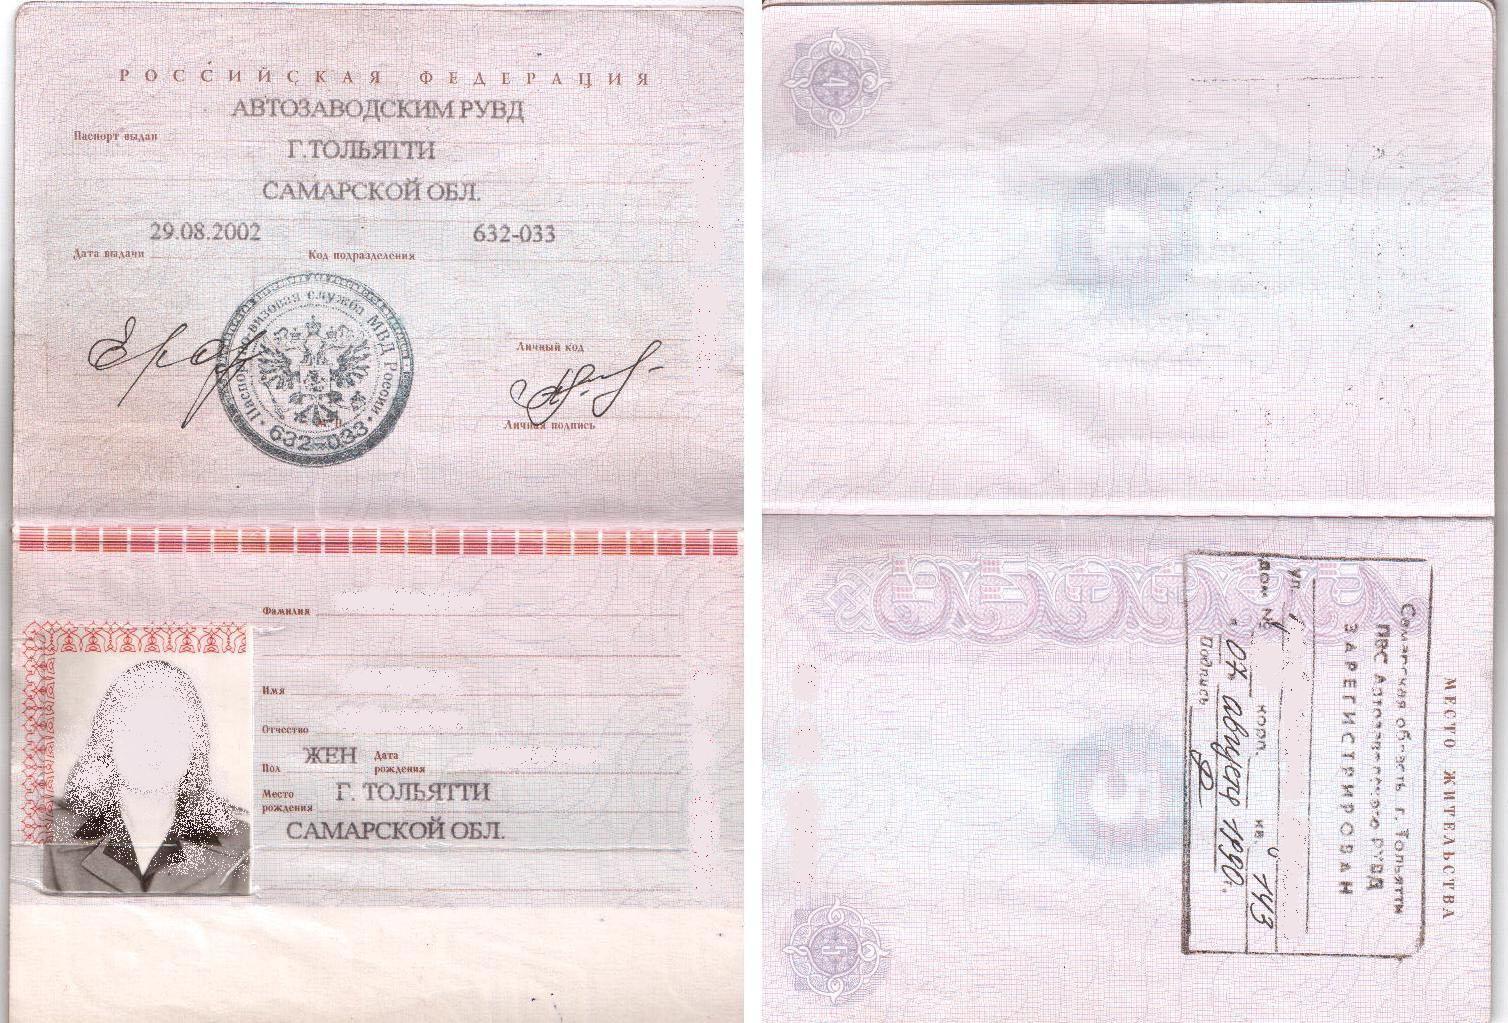 Как правильно сделать ксерокопию всех страниц паспорта